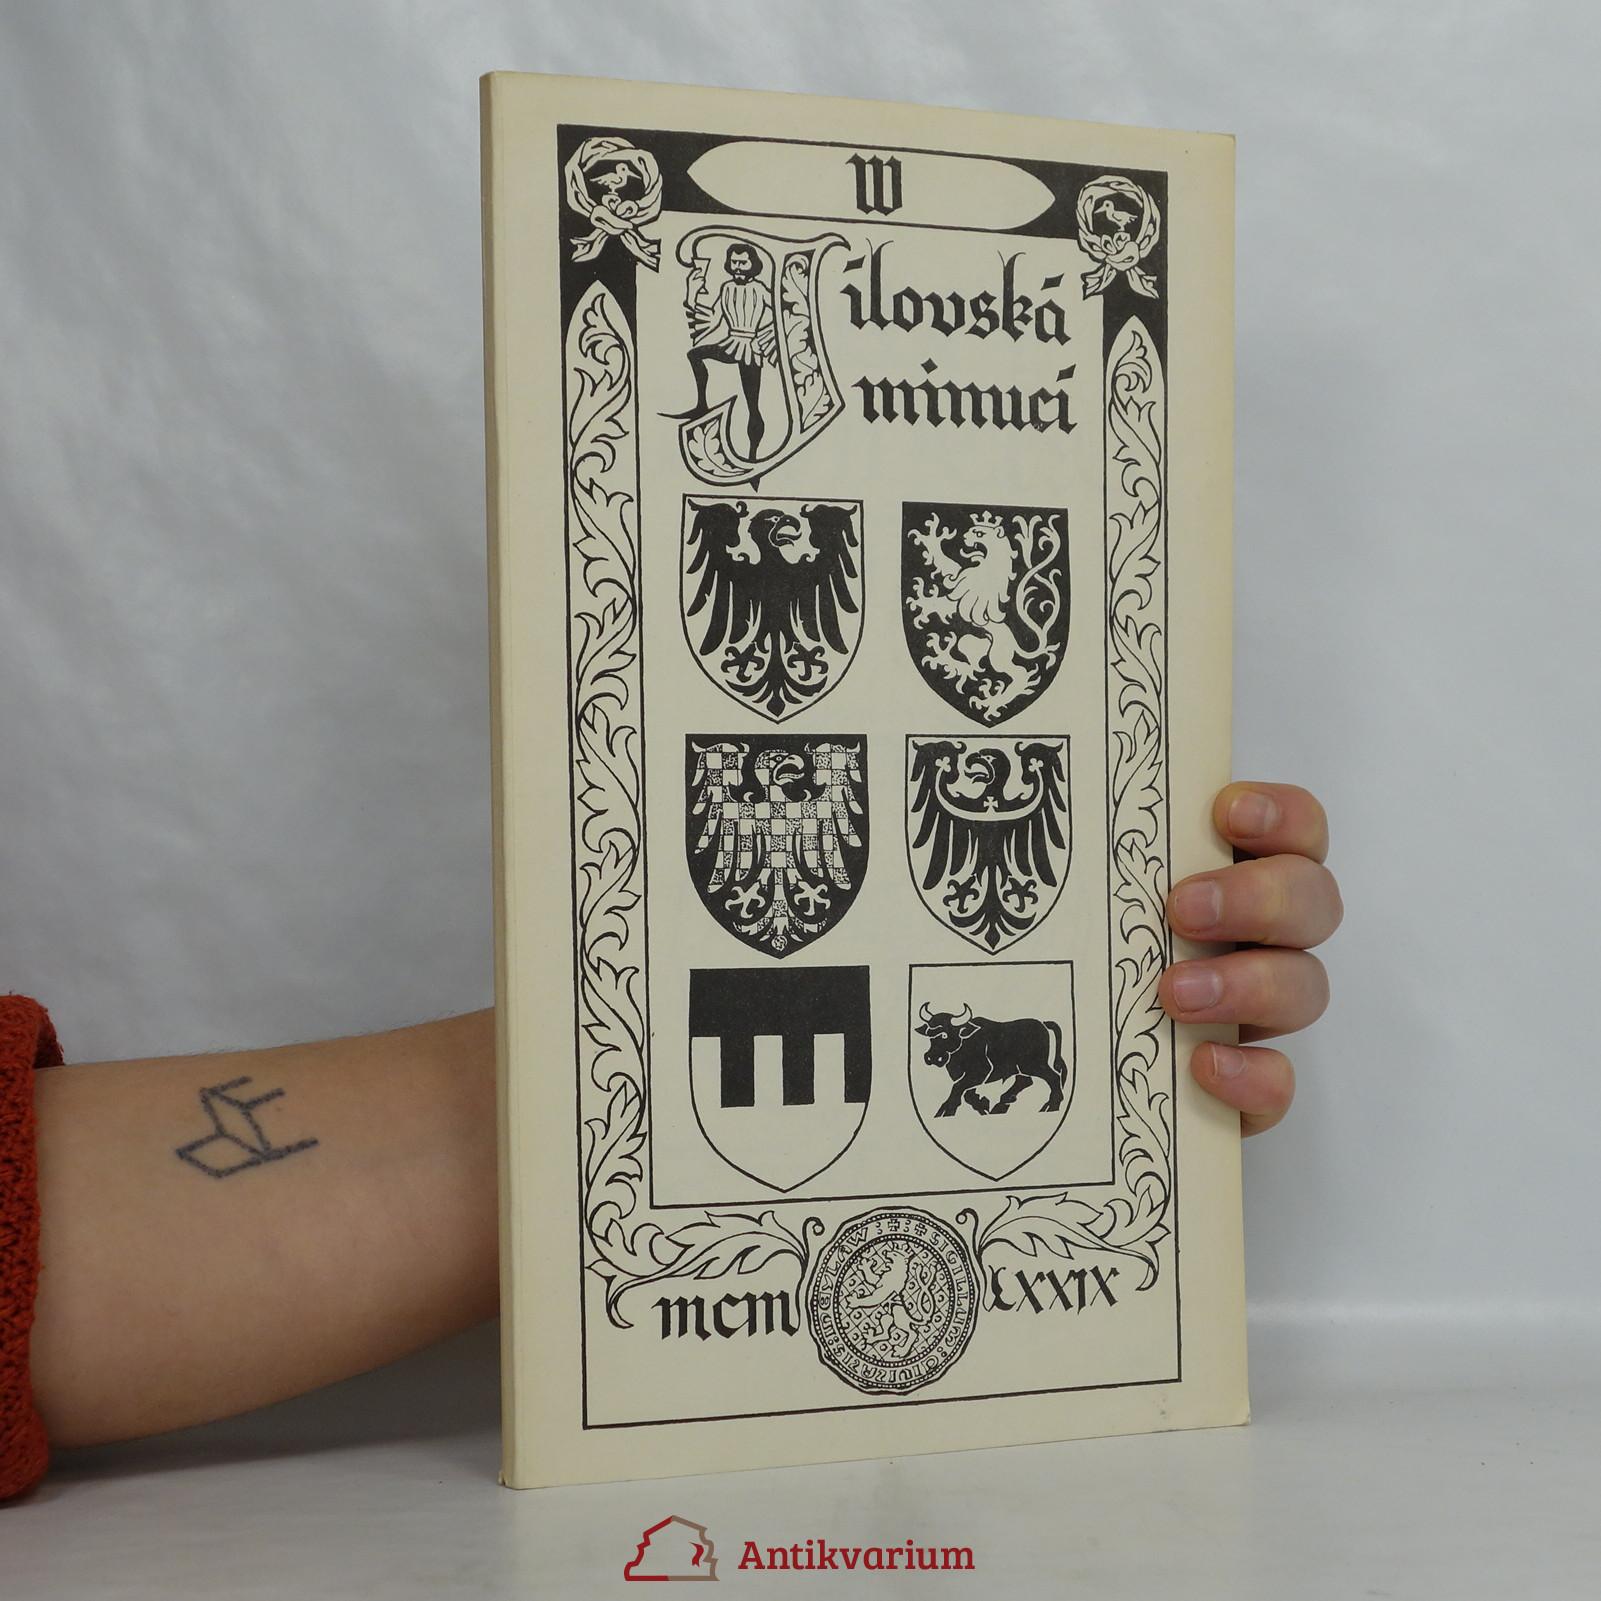 antikvární kniha Jilovská minucí. Milci mladého krále., 1979